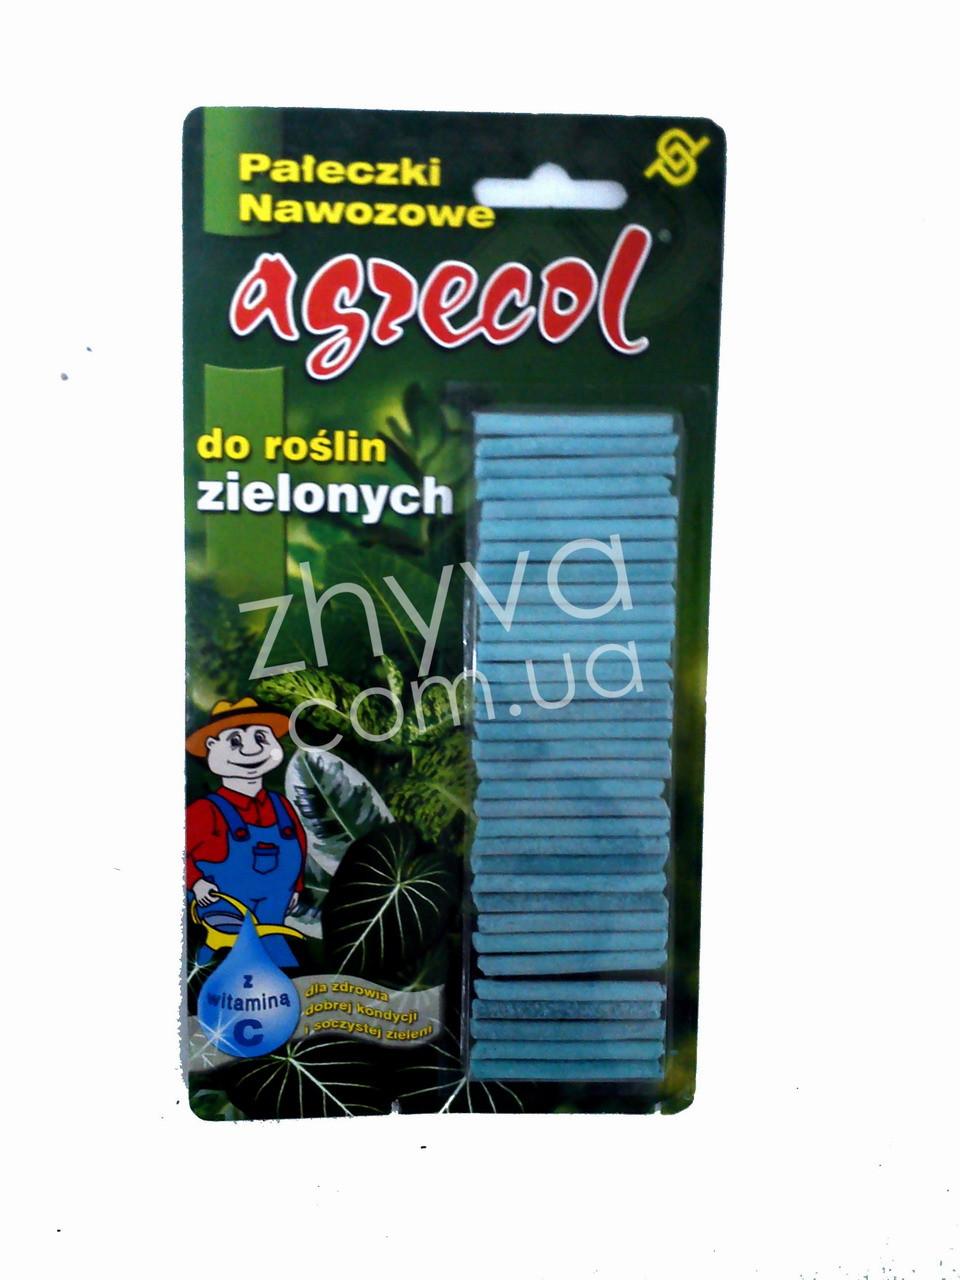 Agrecol Добриво для зелених рослин тривалої дії 32шт. / Агрекол удобрение для зеленых растений